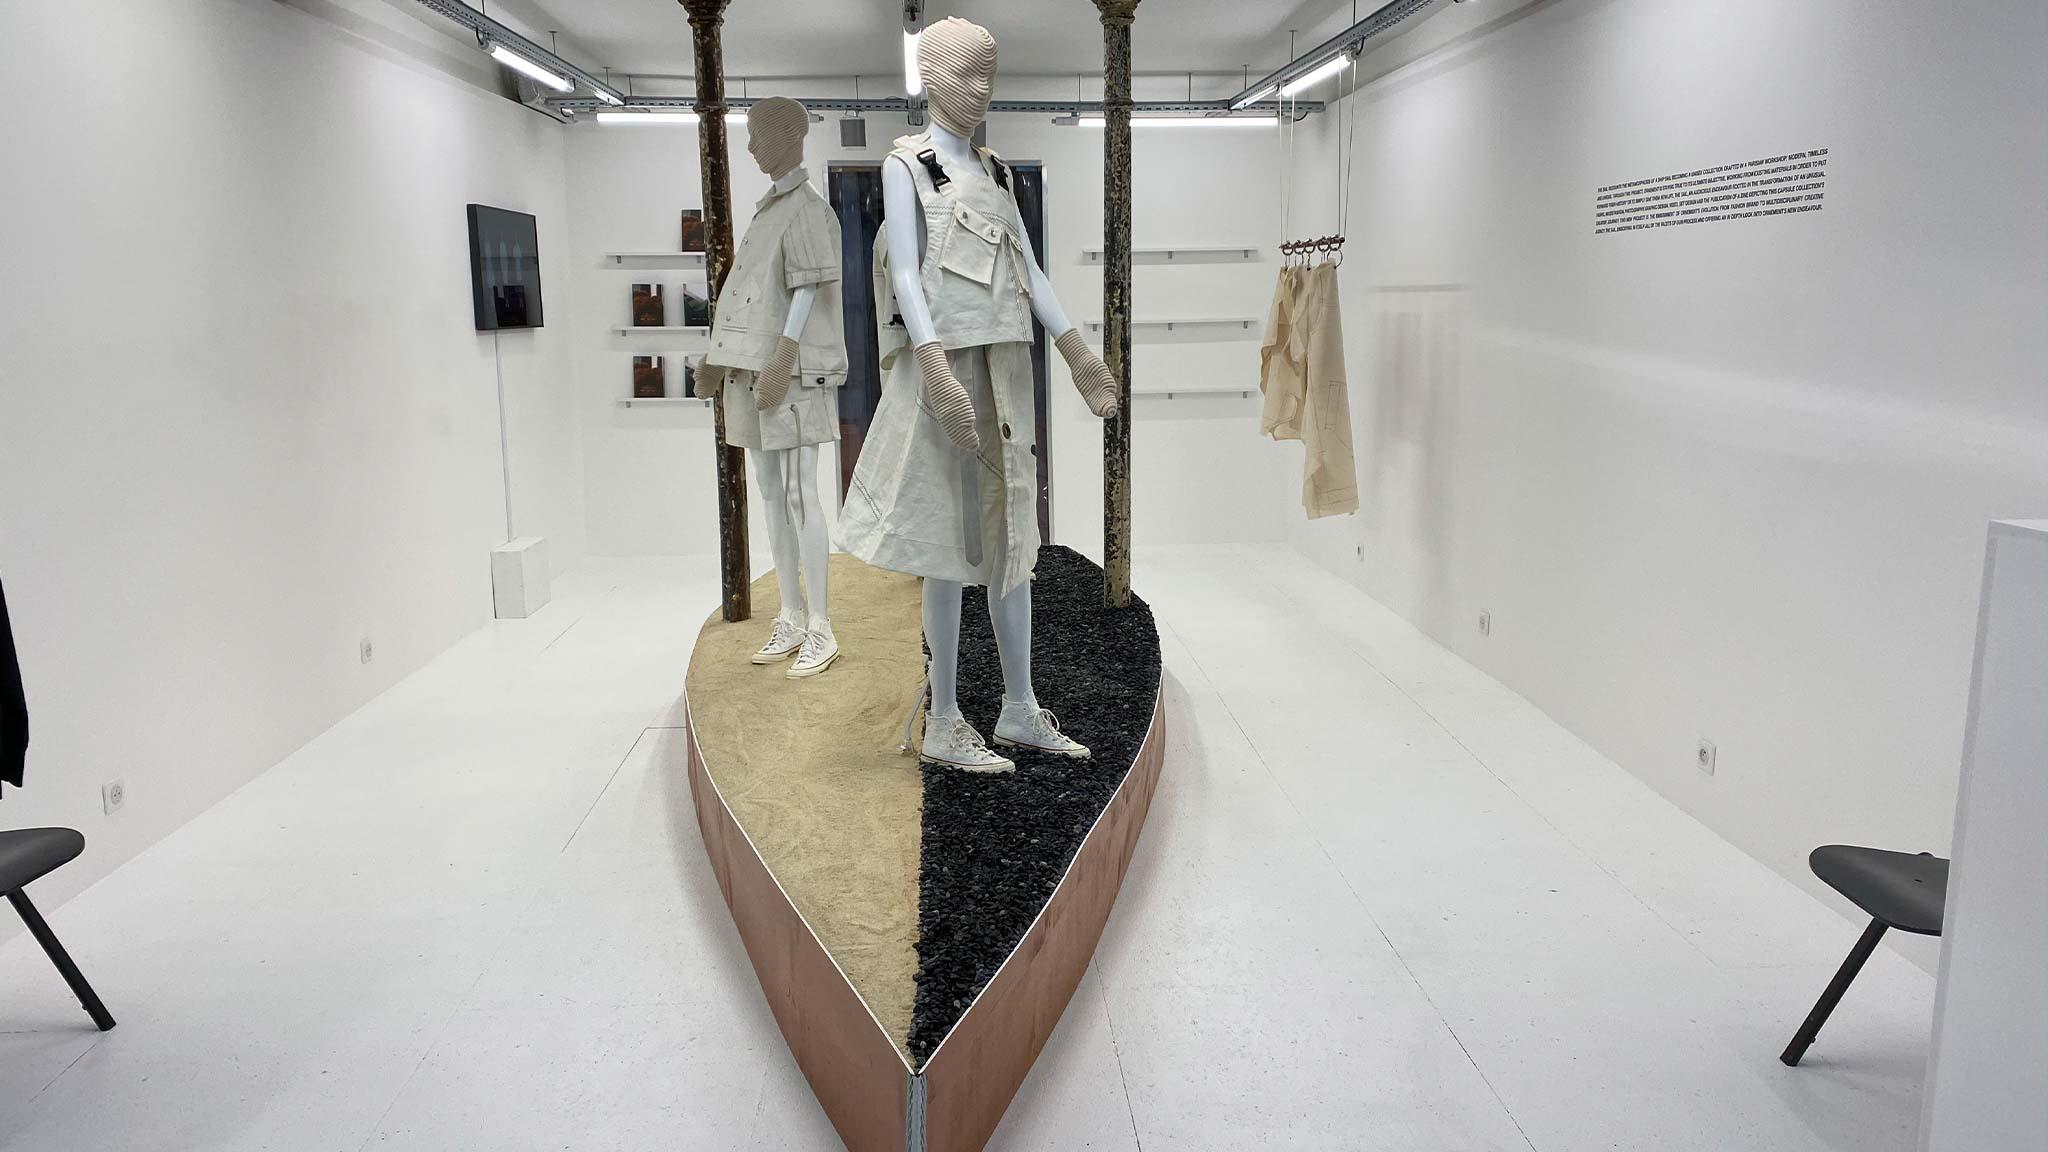 Fashion picture by Perimetre a creative studio based in Paris